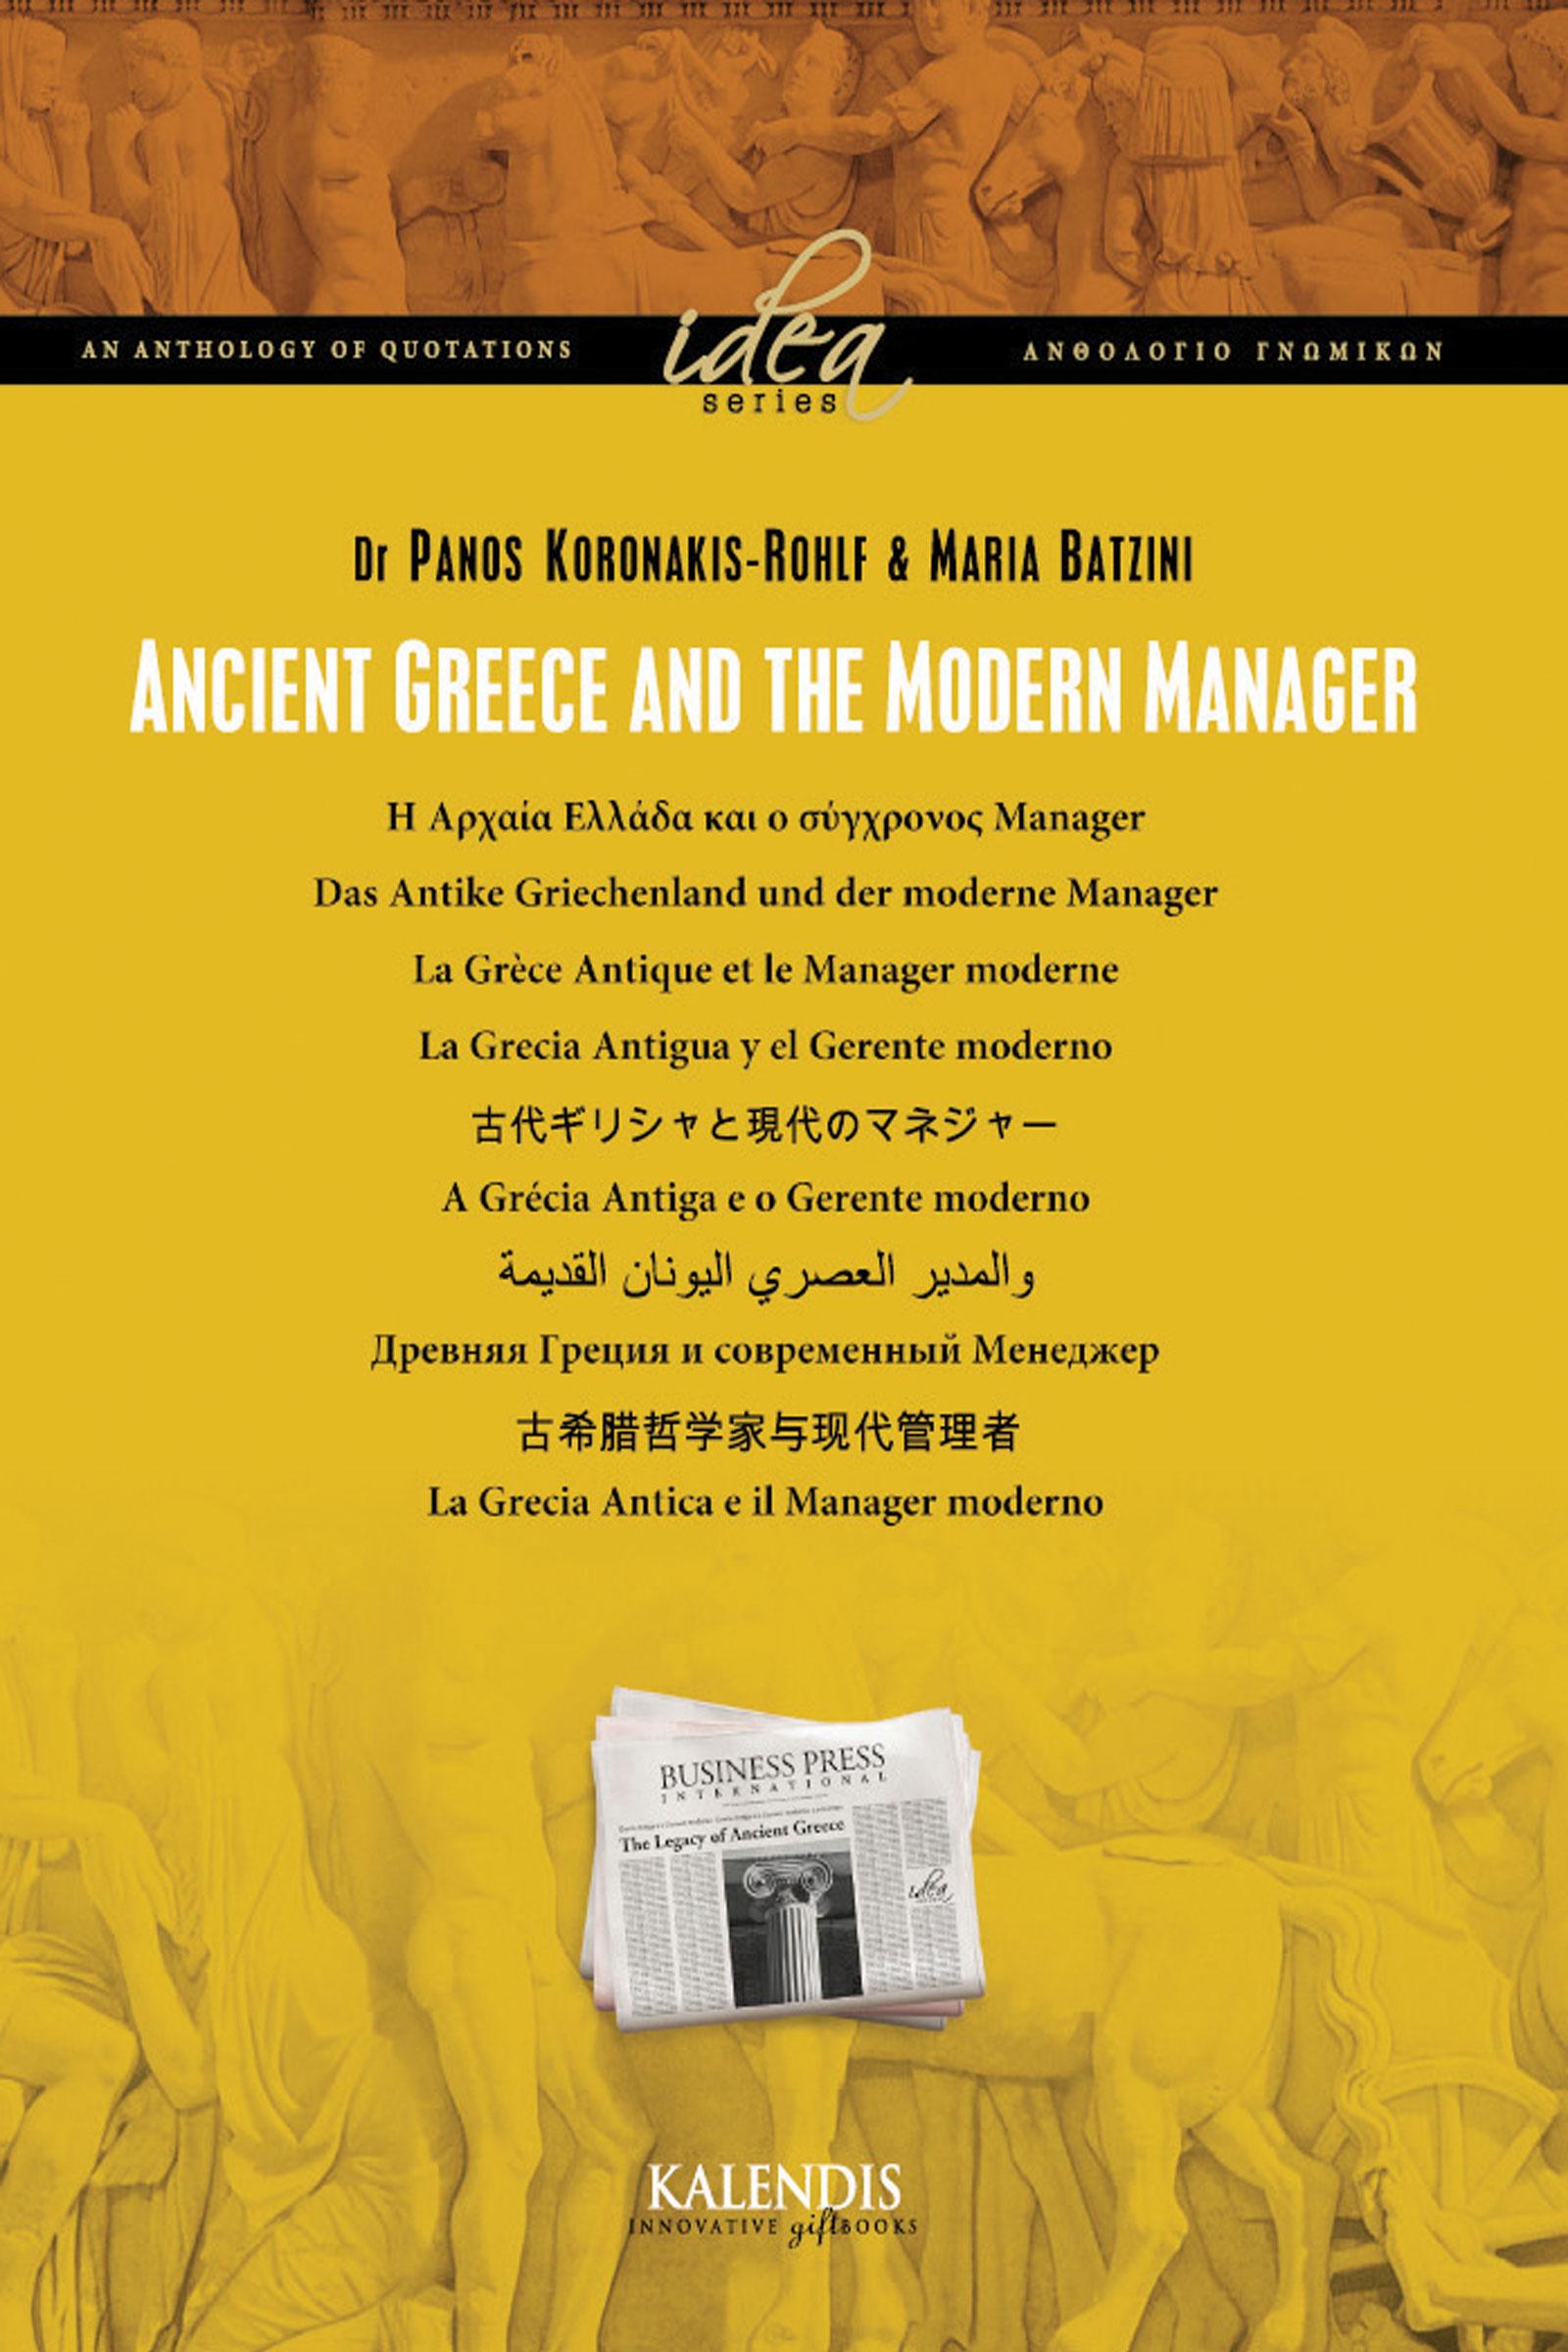 Η Αρχαία Ελλάδα και ο Σύγχρονος Μάνατζερ Σετ 2 Τόμοι σε πολυτελή θήκη